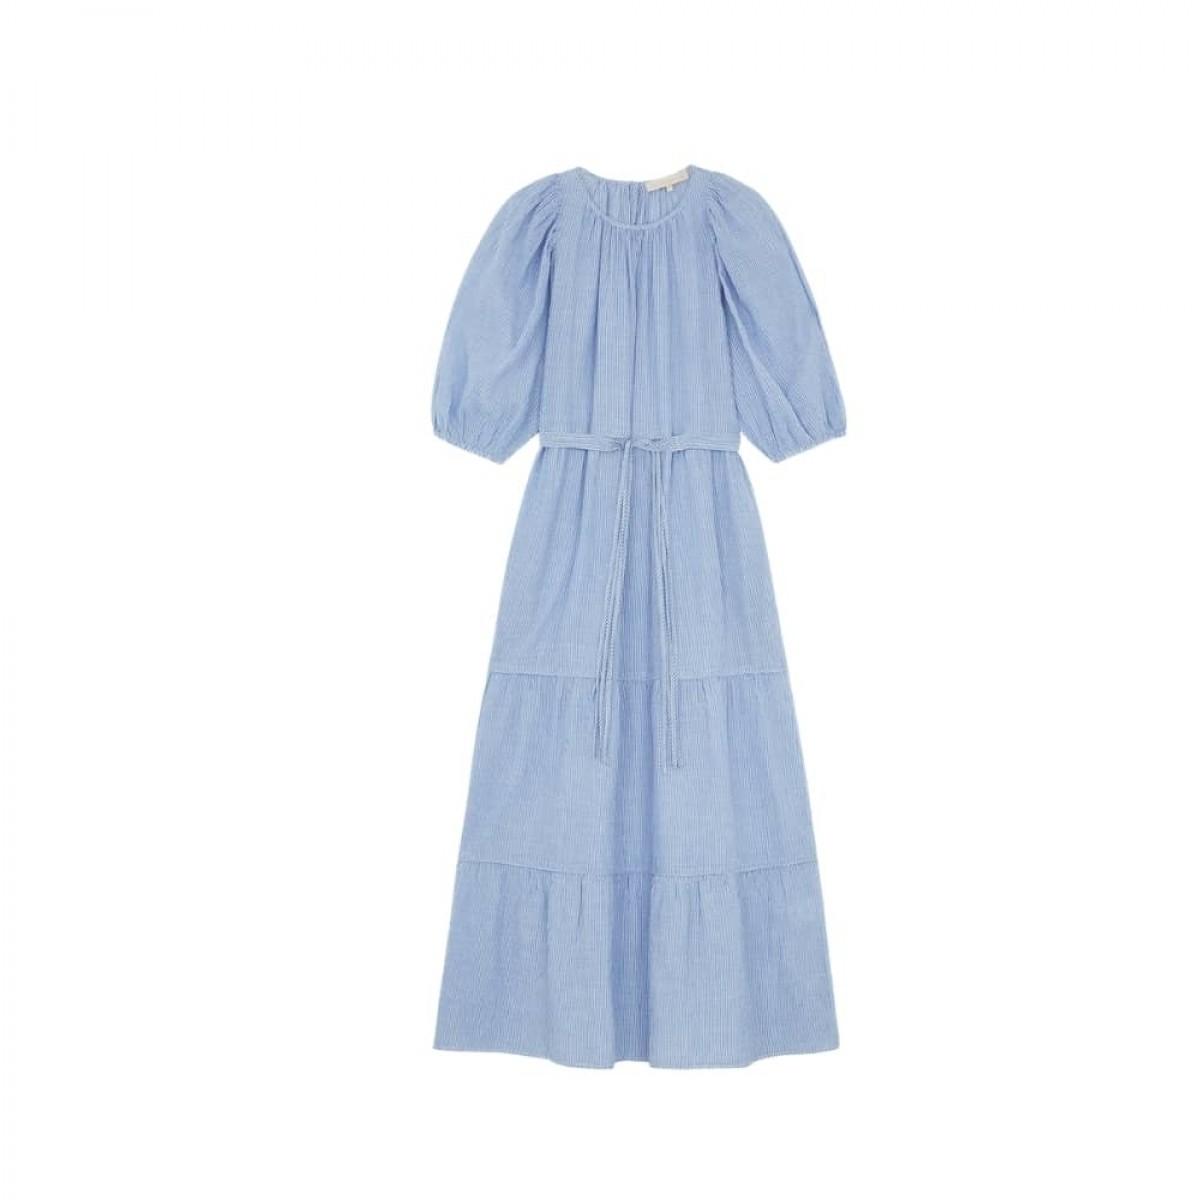 reinilda kjole - blue - front